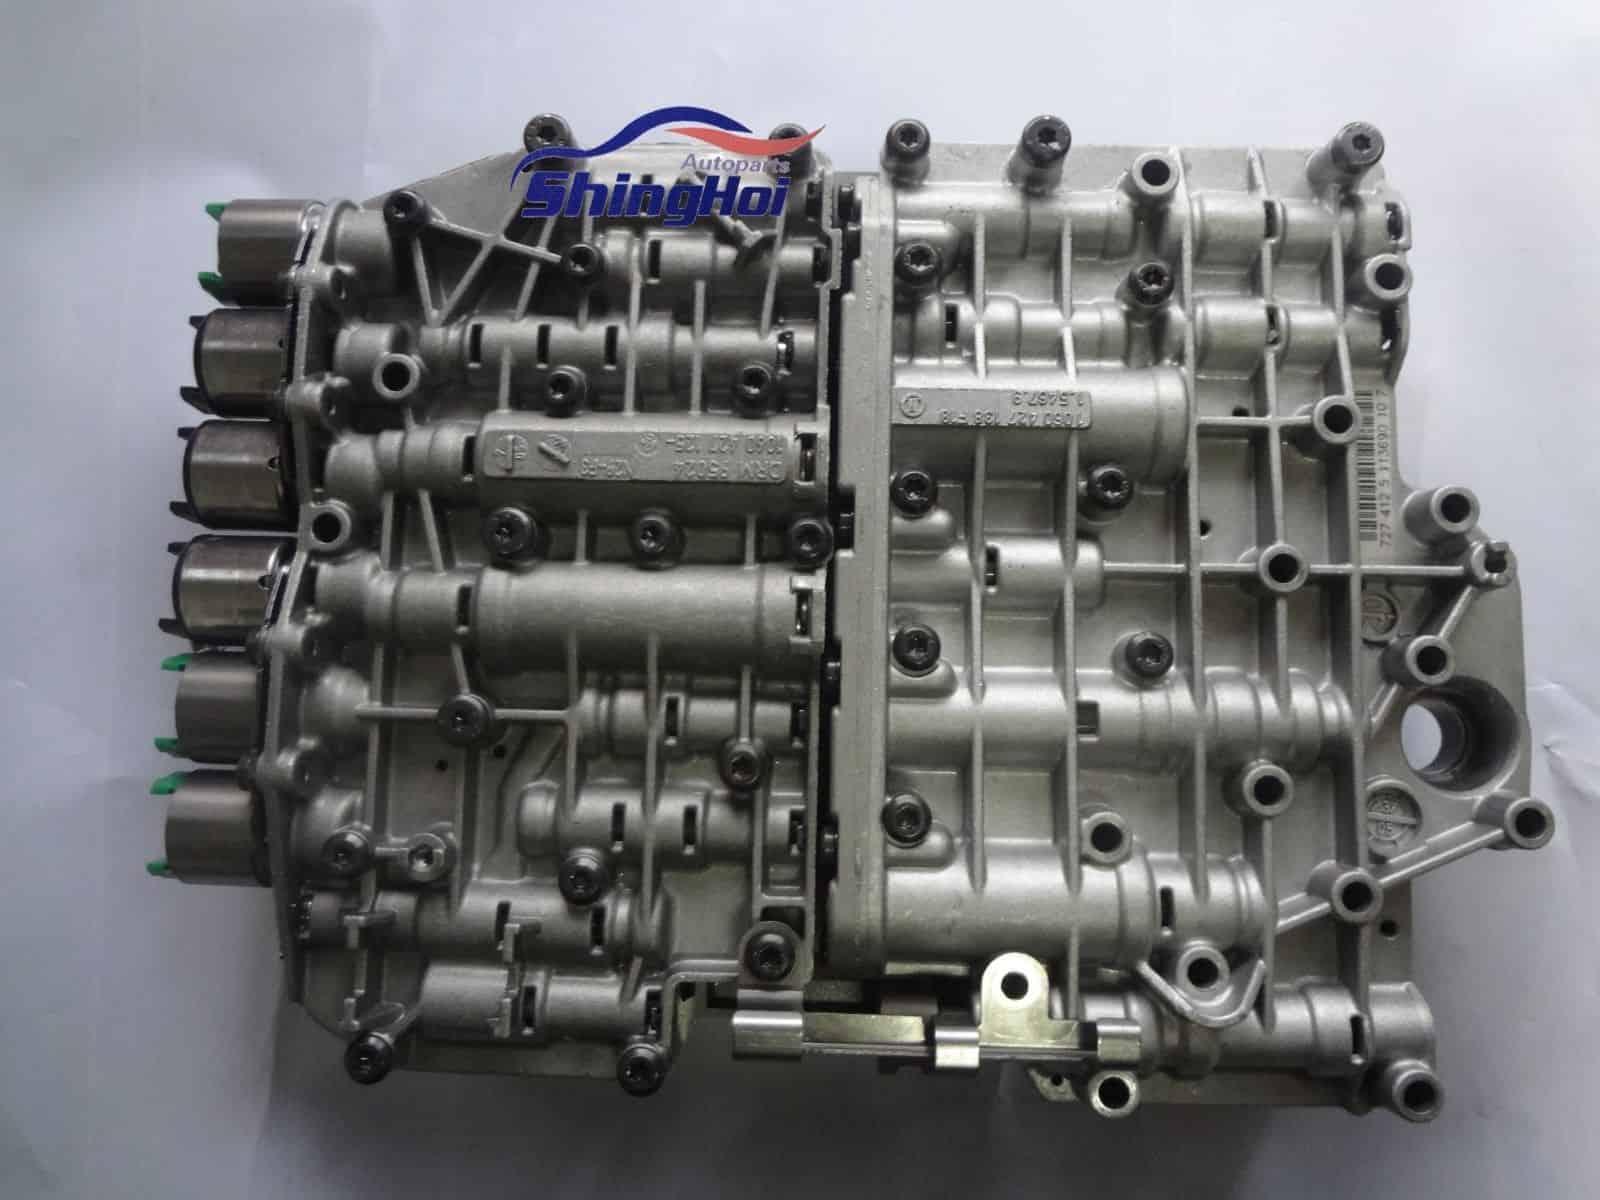 5HP19 01V Transmission Valve Body with Solenoids for AUDI PASSAT VW PHAETON